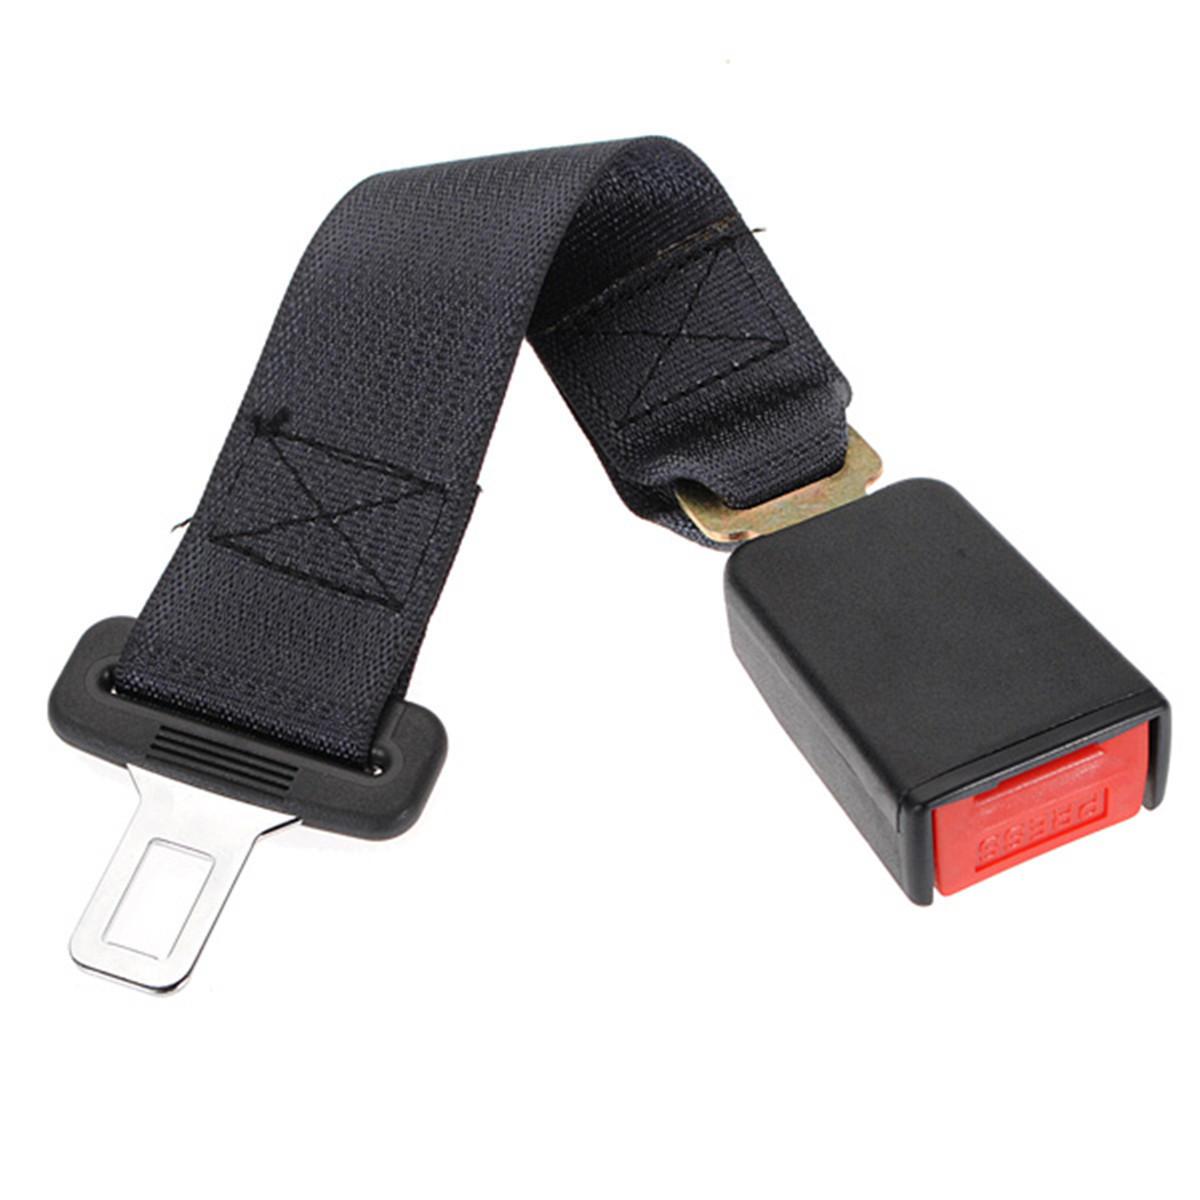 AUDEW Car Seat Belt Extension